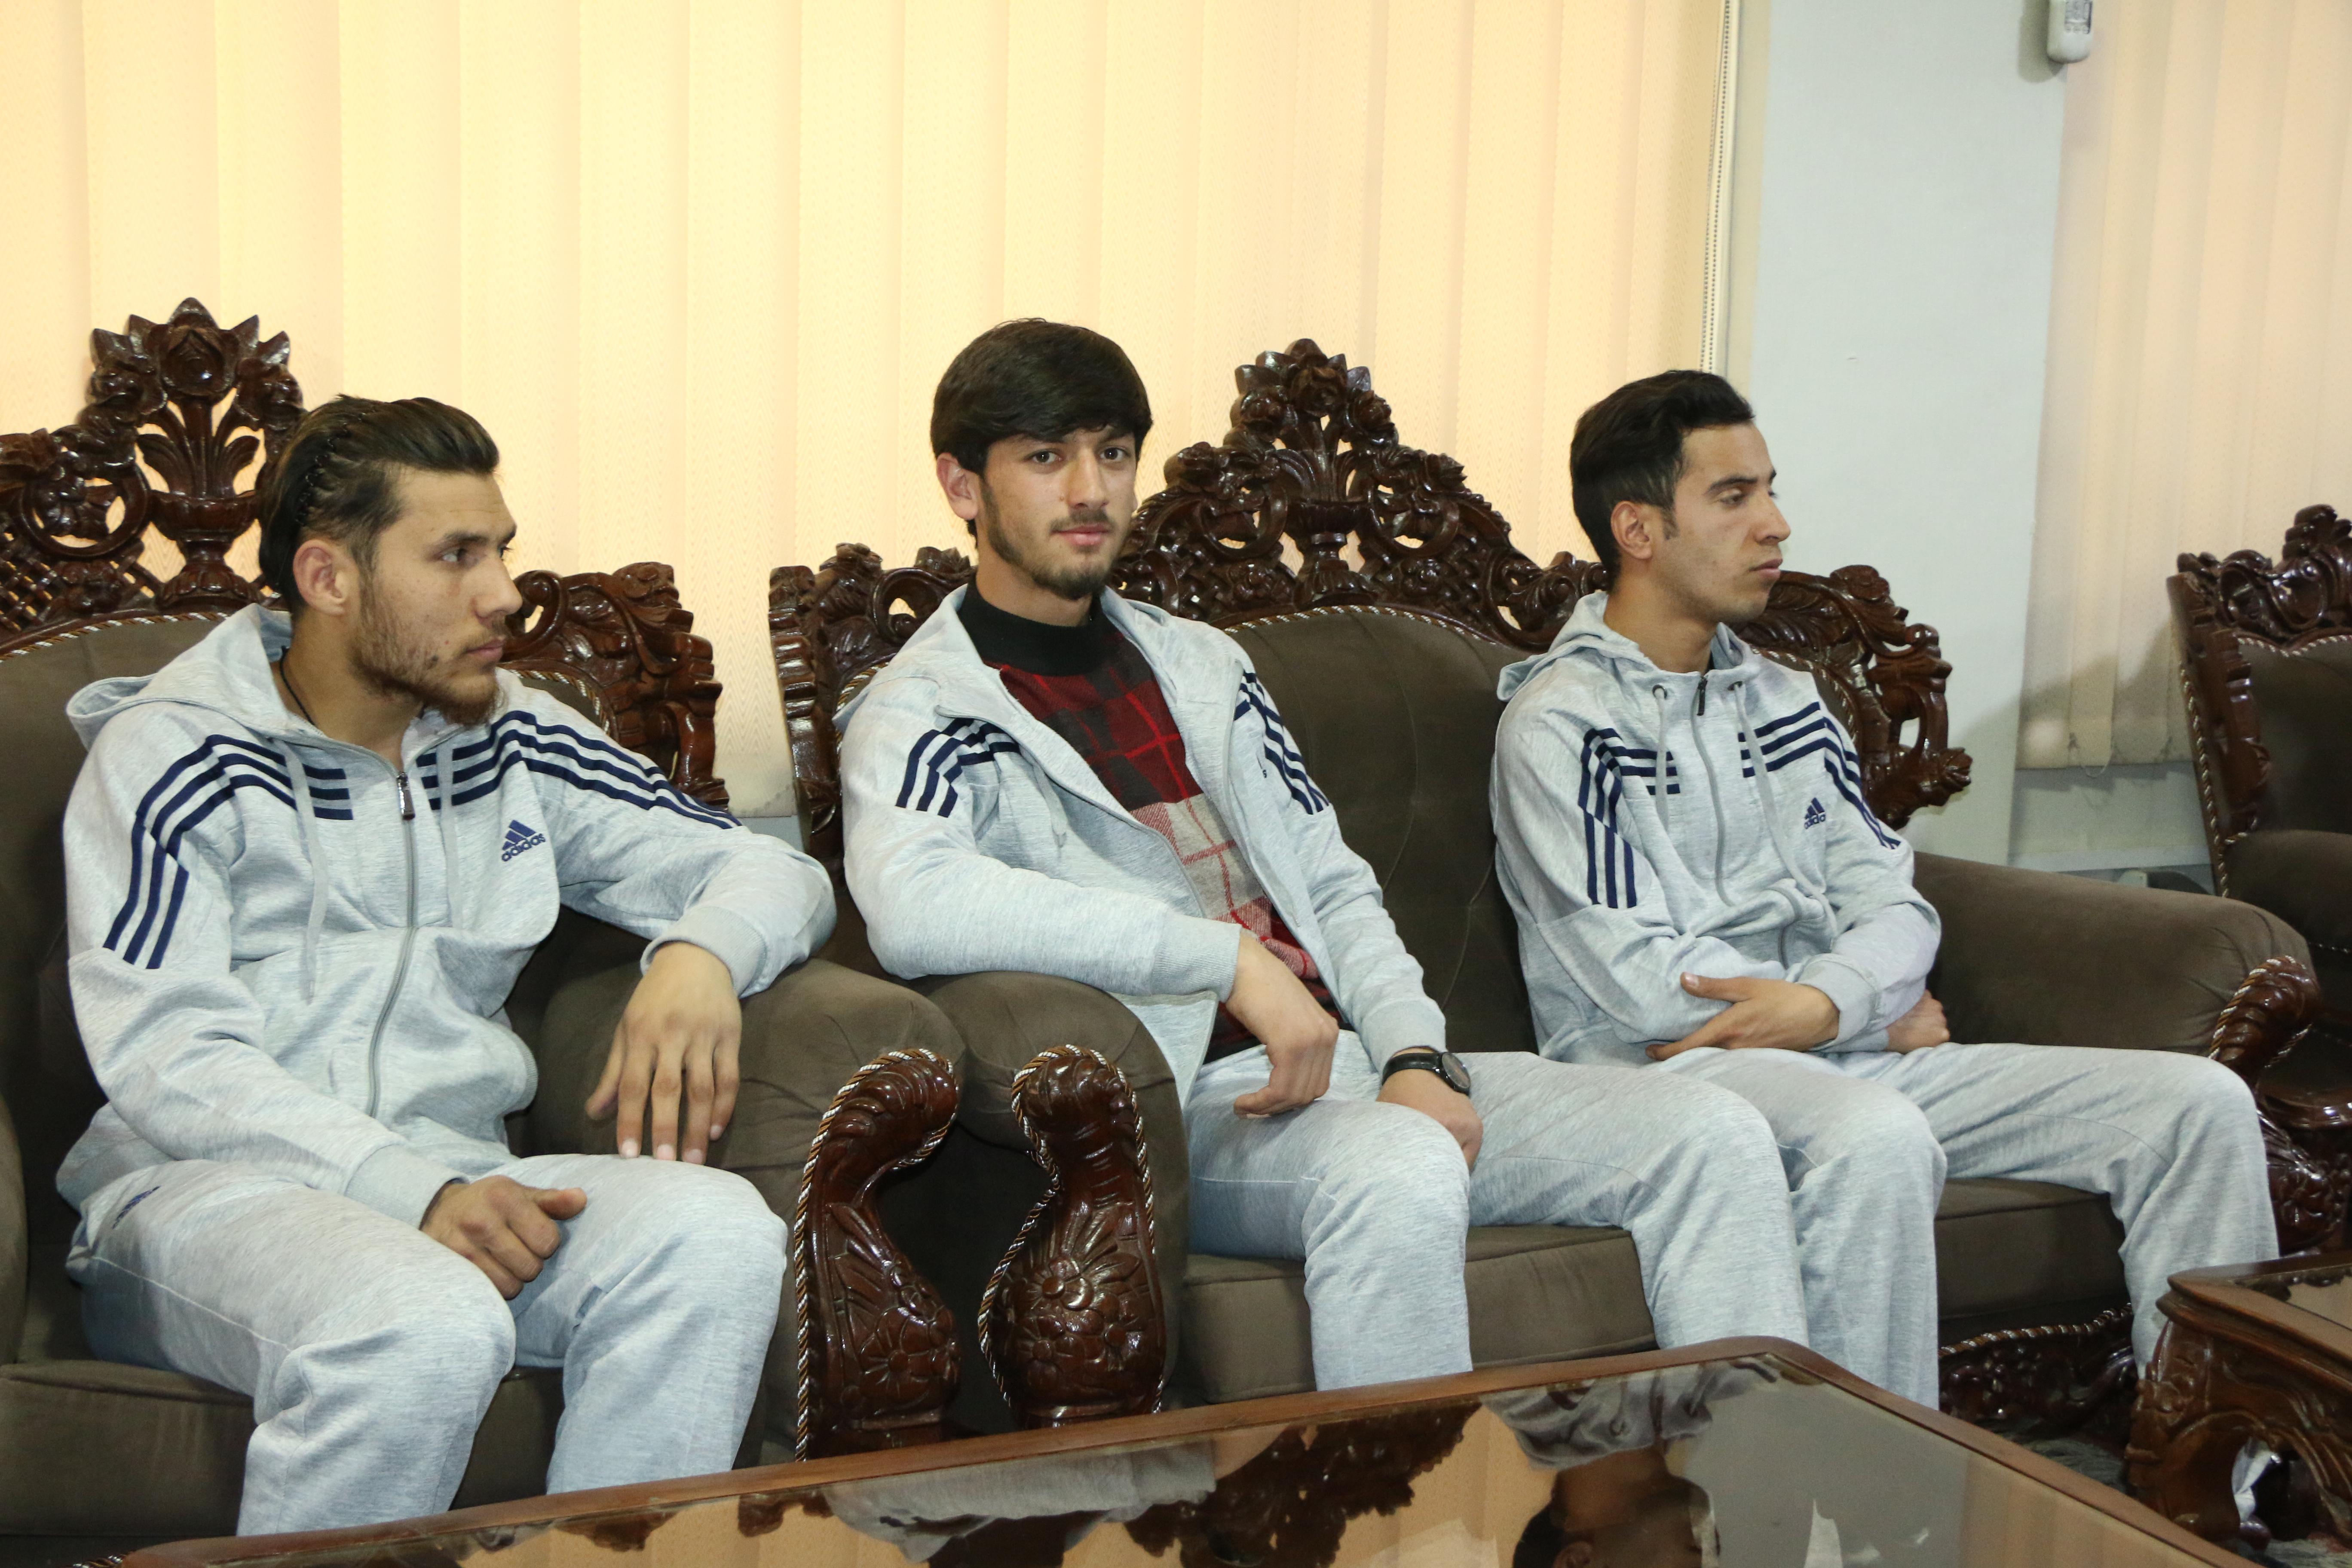 احمد سروش سروش عضو تیم اسنوبرد افغانستان مورد تقدیر ریاست عمومی تربیت بدنی و ورزش و کمیته ملی المپیک قرار گرفت.